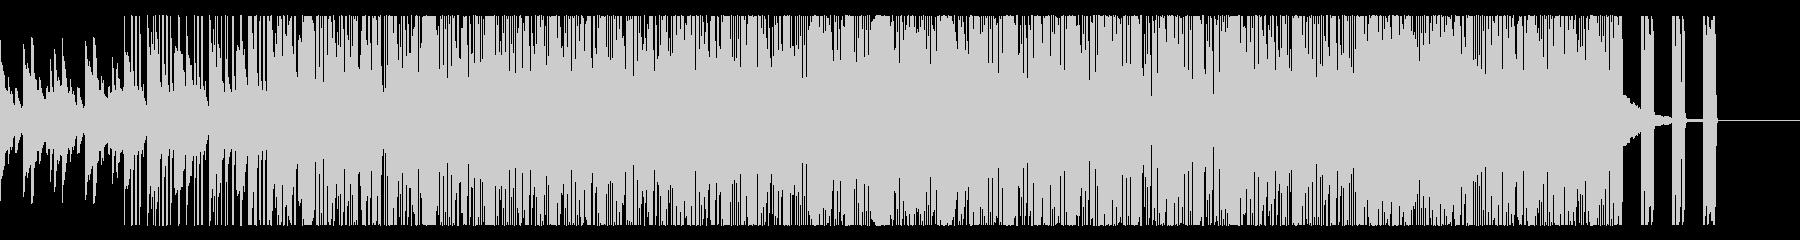 軽快でリズミカルなチルアウトの未再生の波形